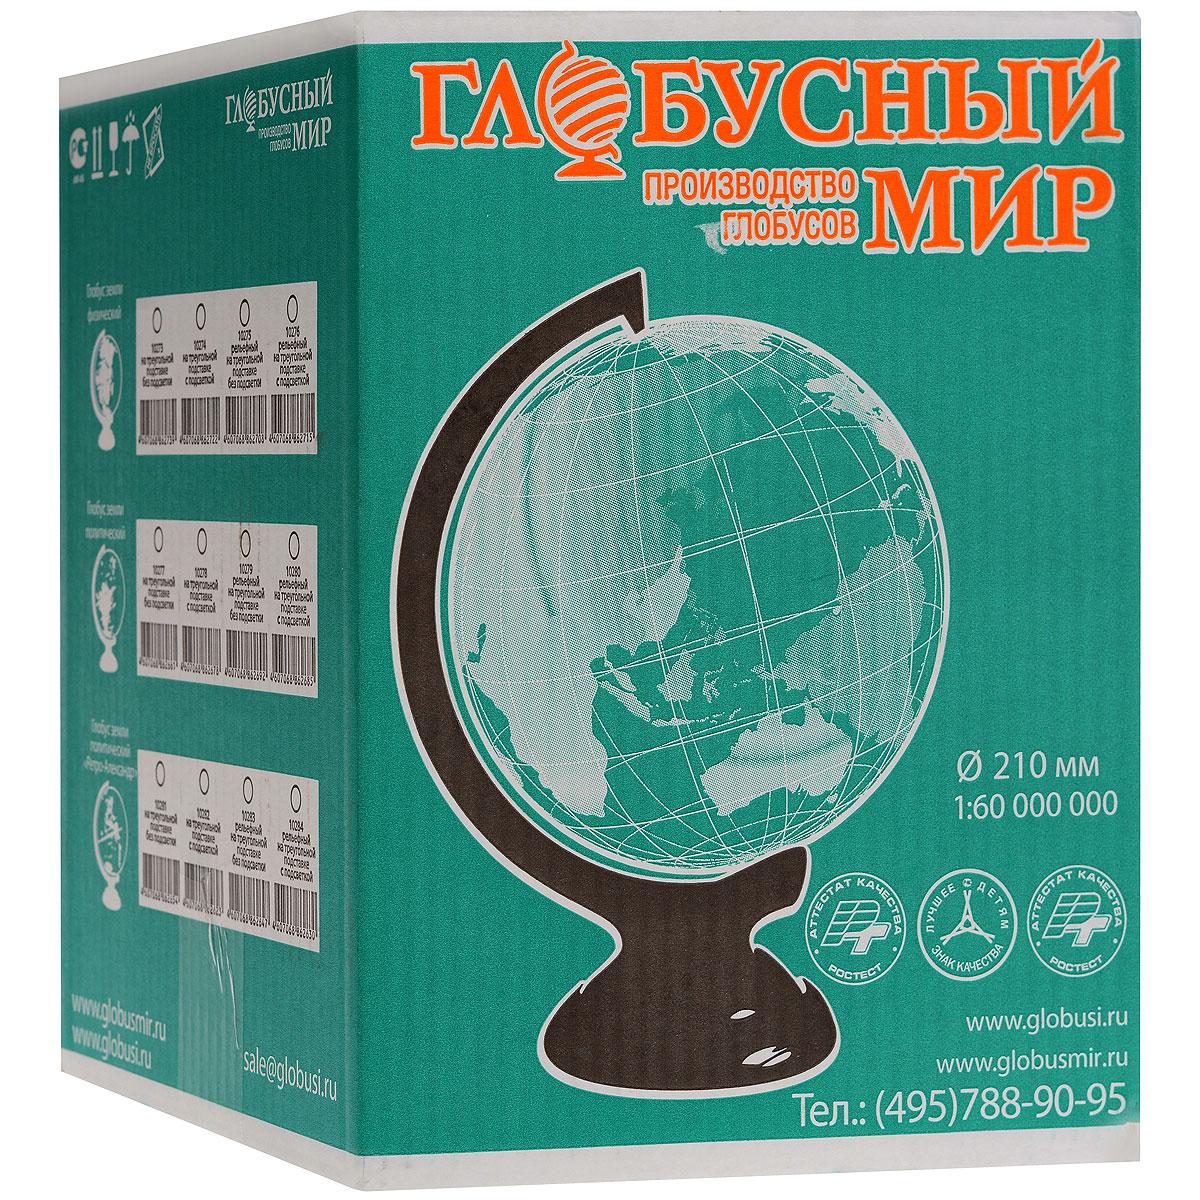 Глобусный мир Ландшафтный глобус, рельефный, диаметр 21 см